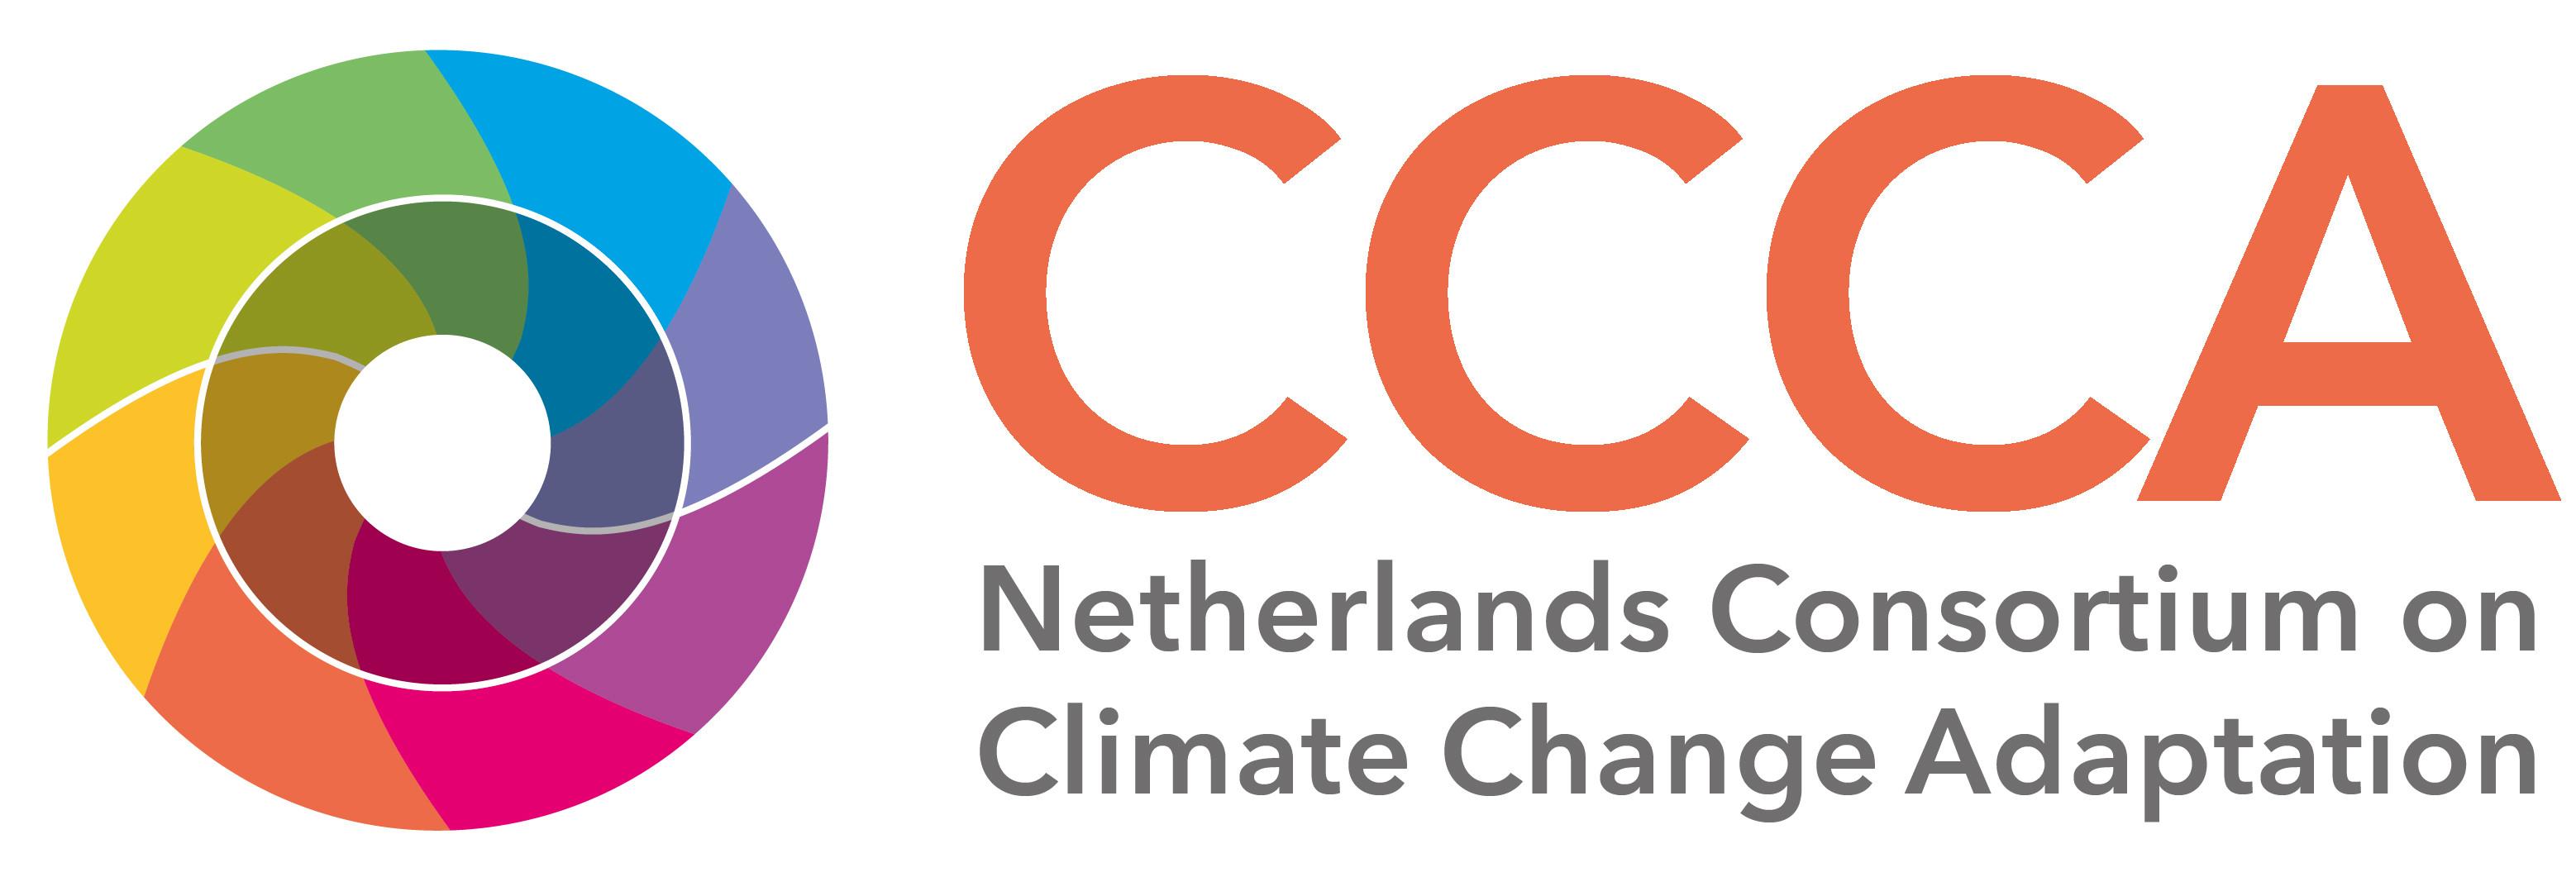 CCCA_logo orange.jpg